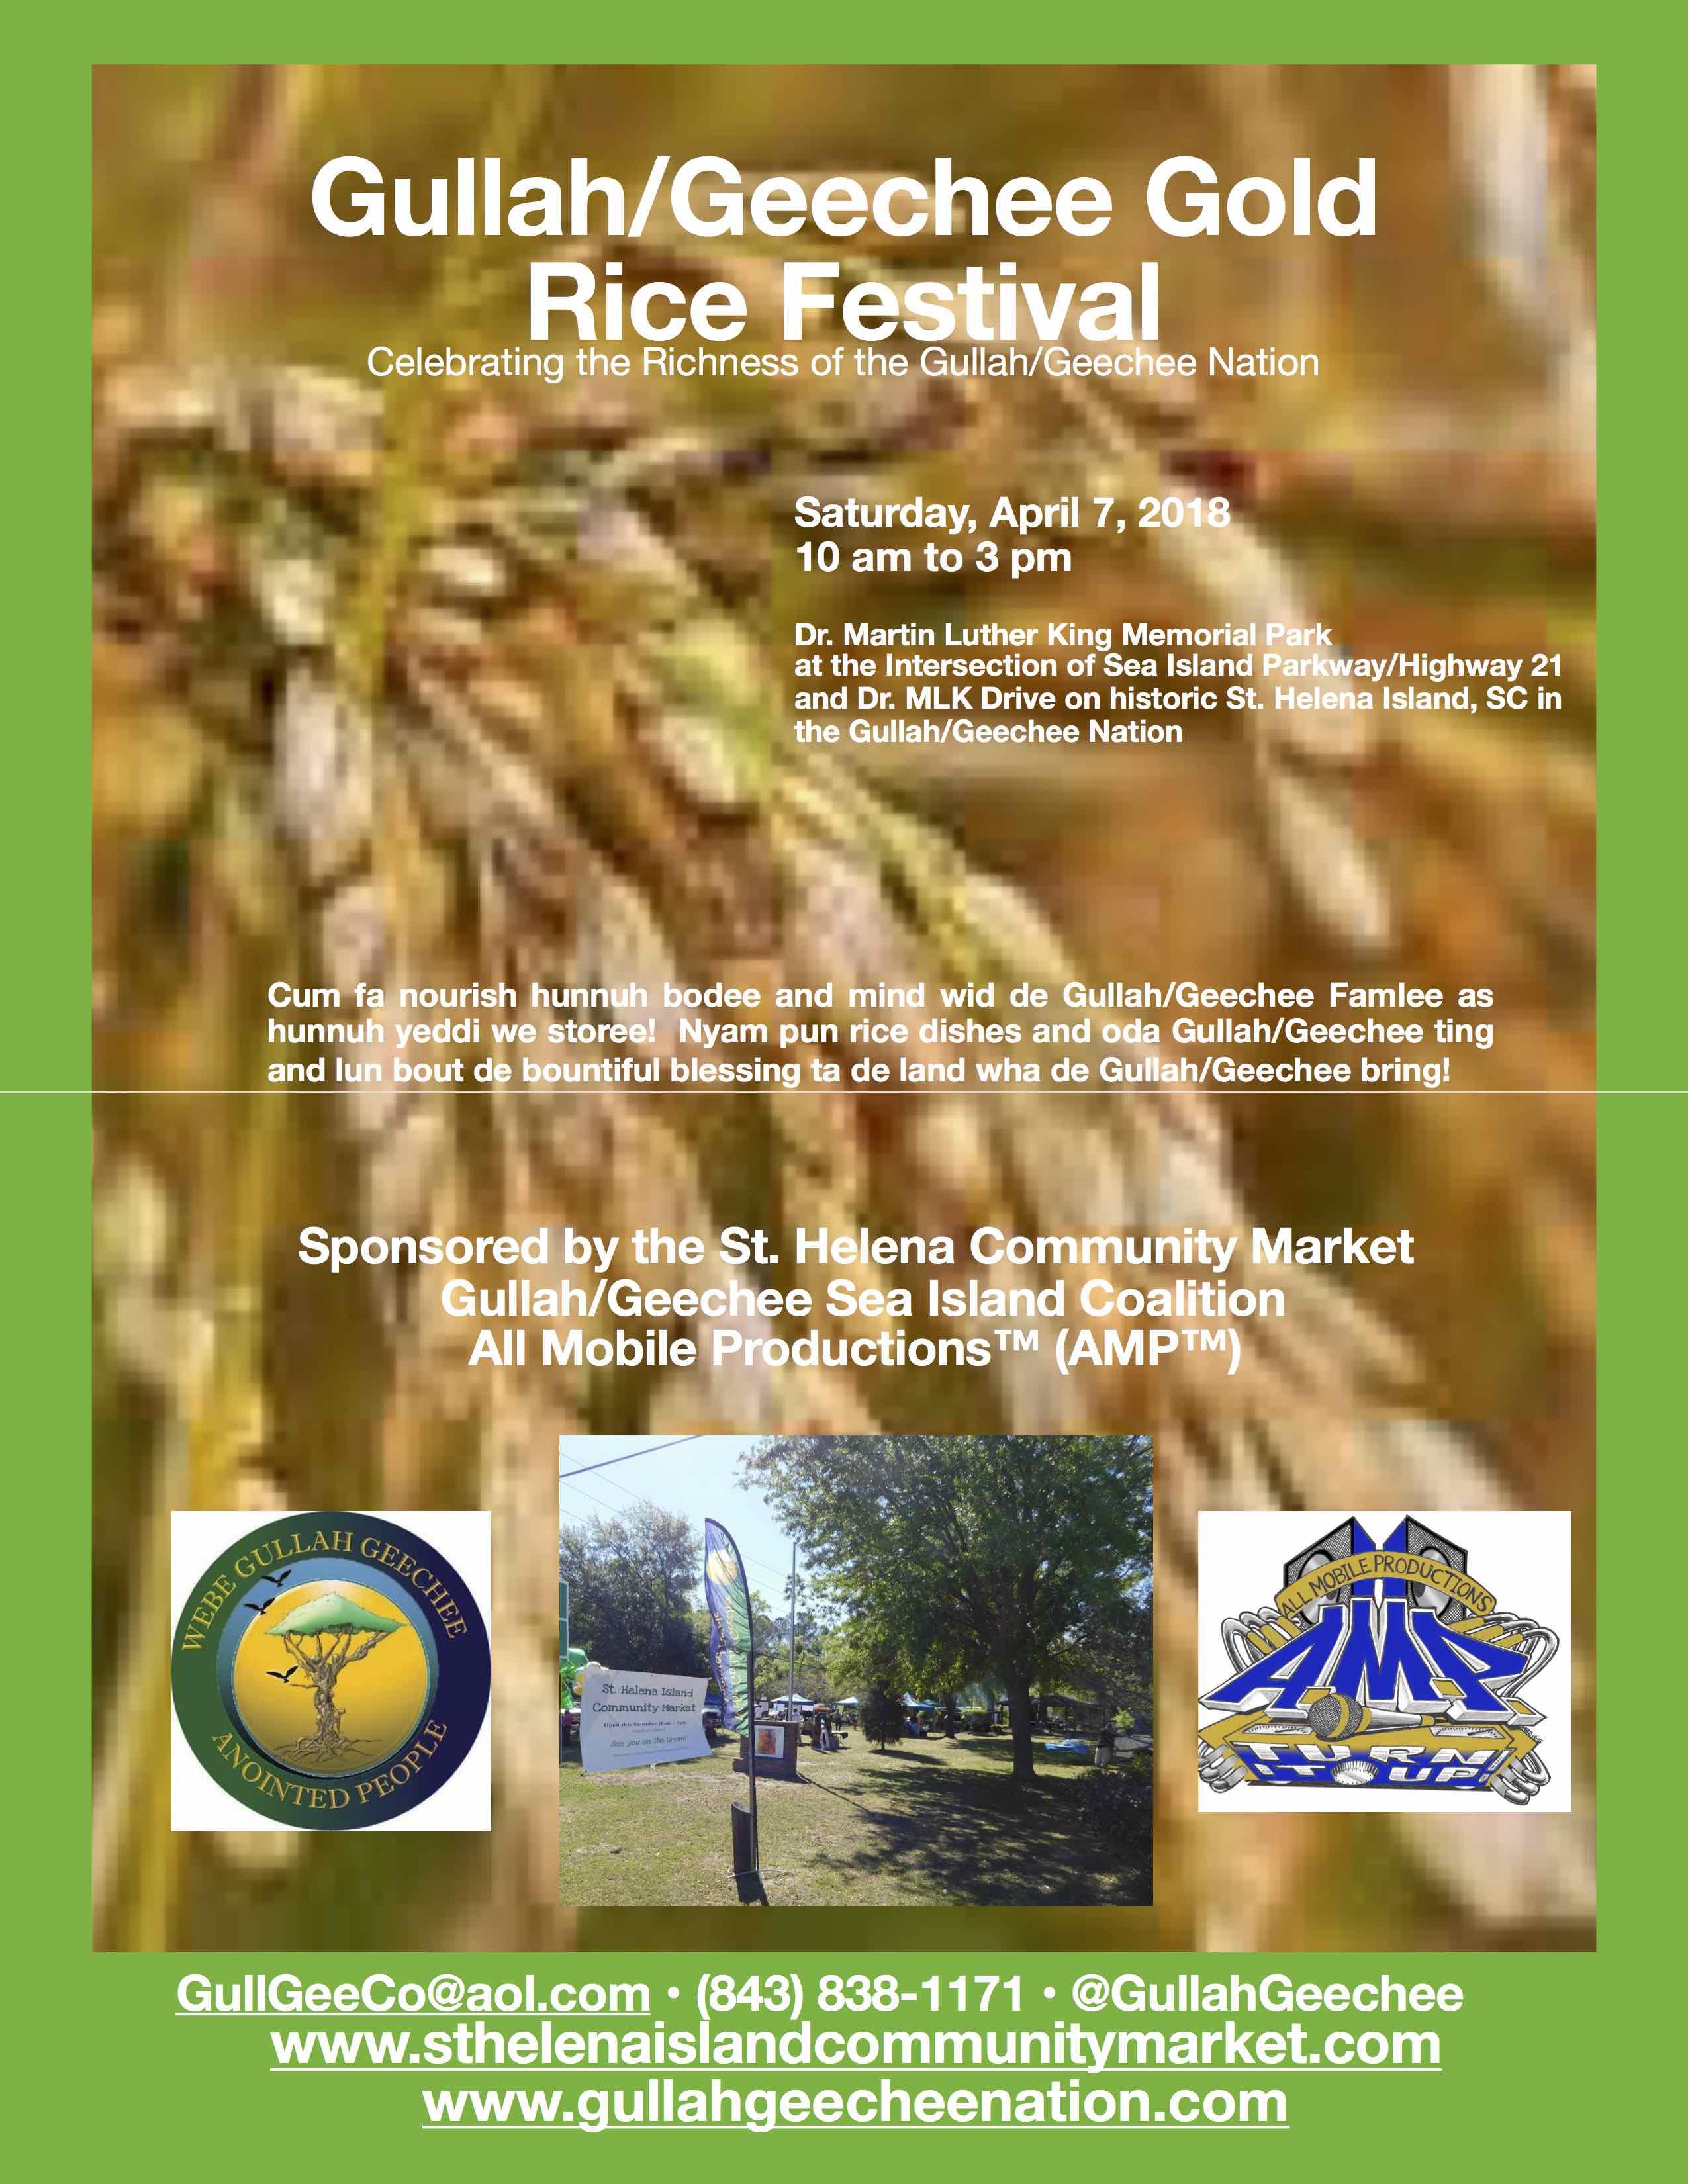 Gullah/Geechee Gold Rice Festival